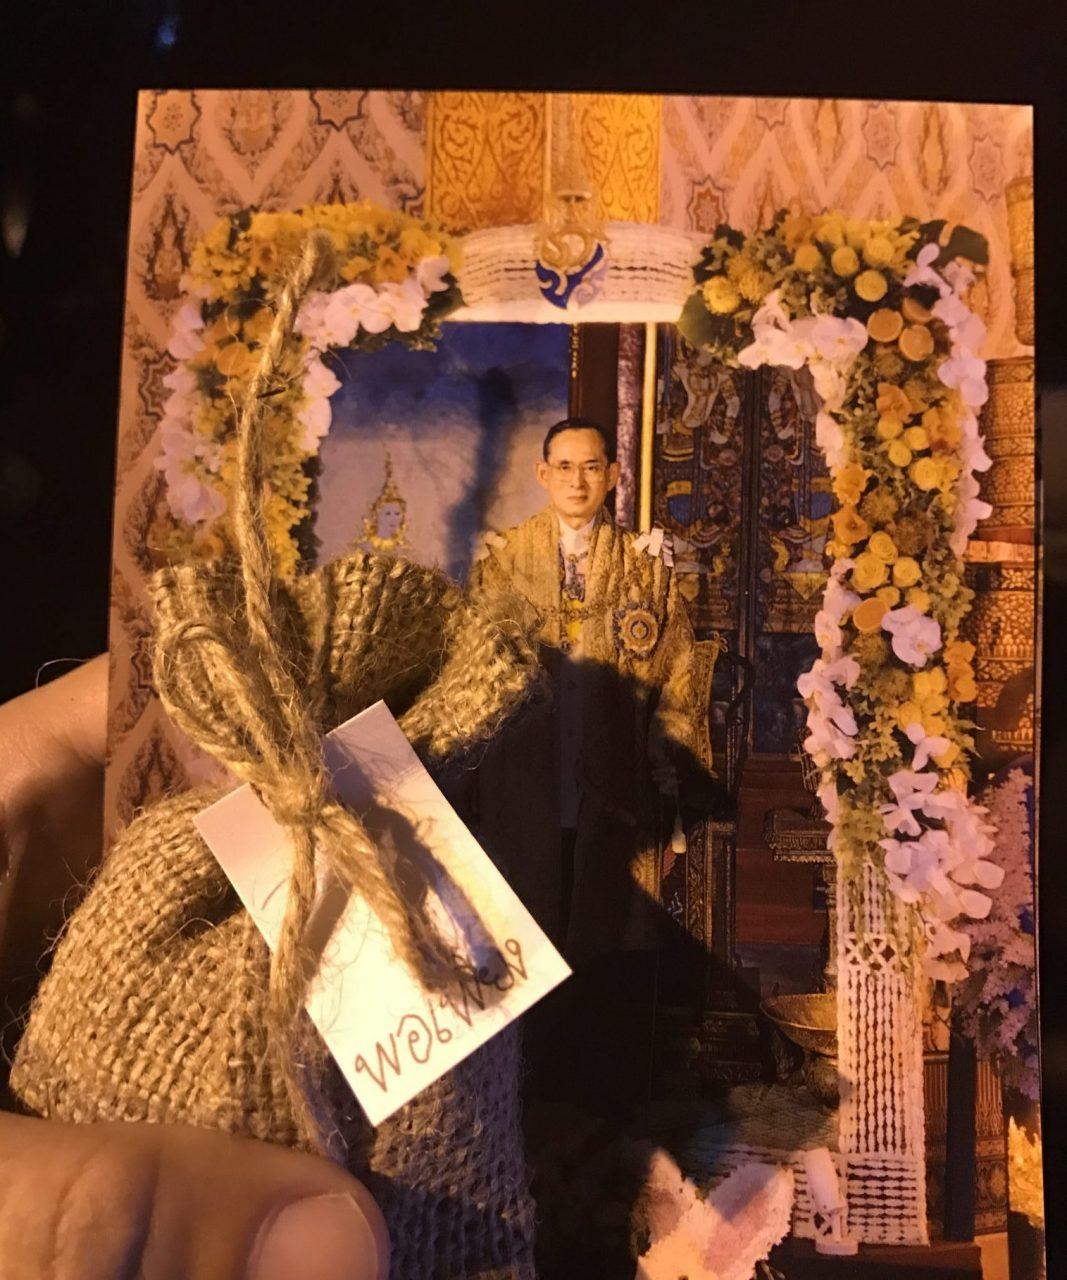 ถุงข้าวพอเพียง และ ภาพที่ระลึกที่พระราชทานแก่พสกนิกรที่เข้าสักการะพระบรมศพ